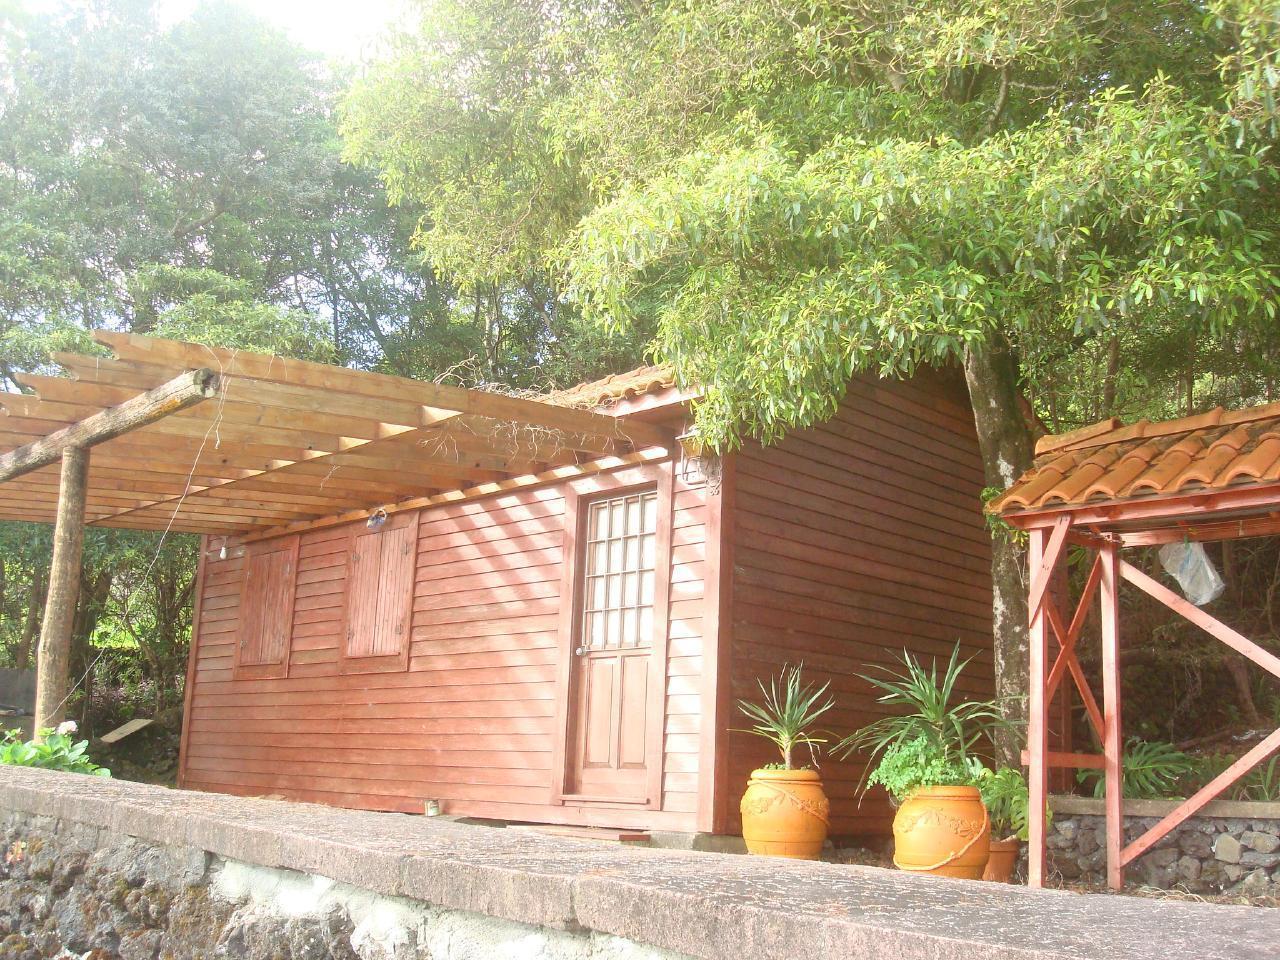 Ferienhaus A Cabana (2702177), Prainha, Pico, Azoren, Portugal, Bild 10